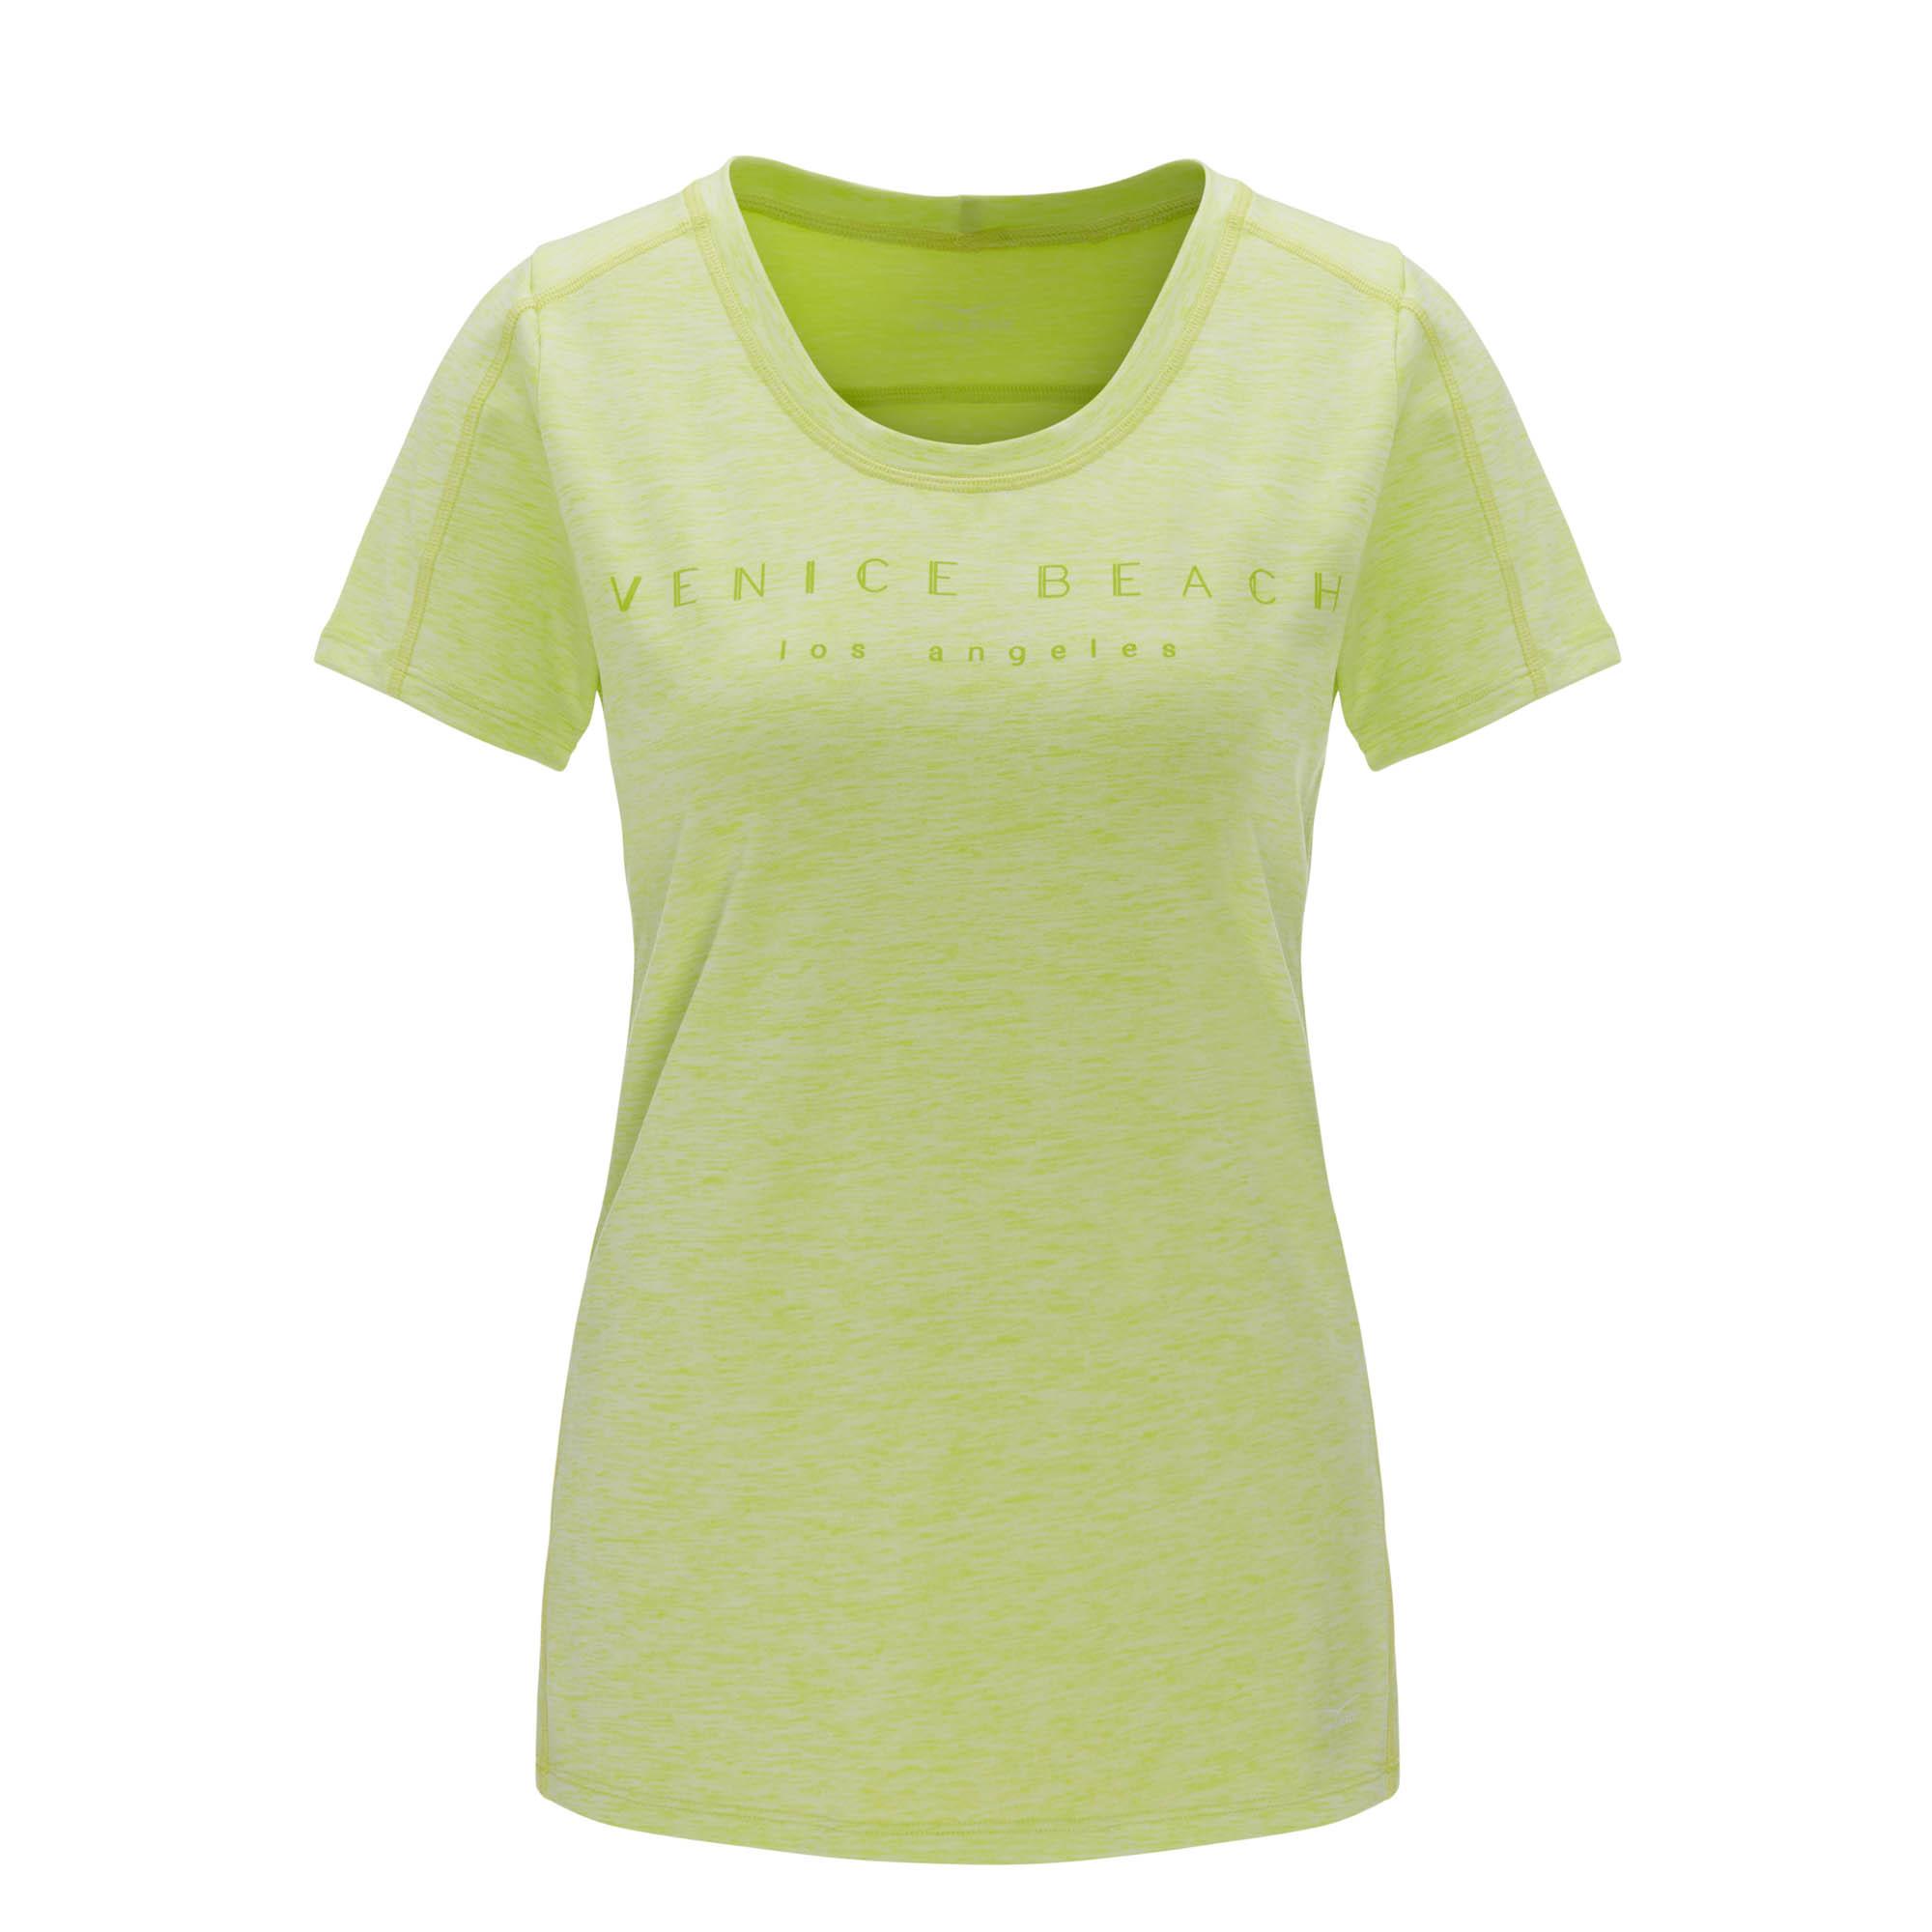 Venice Beach Damen T-Shirt Palina DMELB 01 Shirt 15206-819 XL